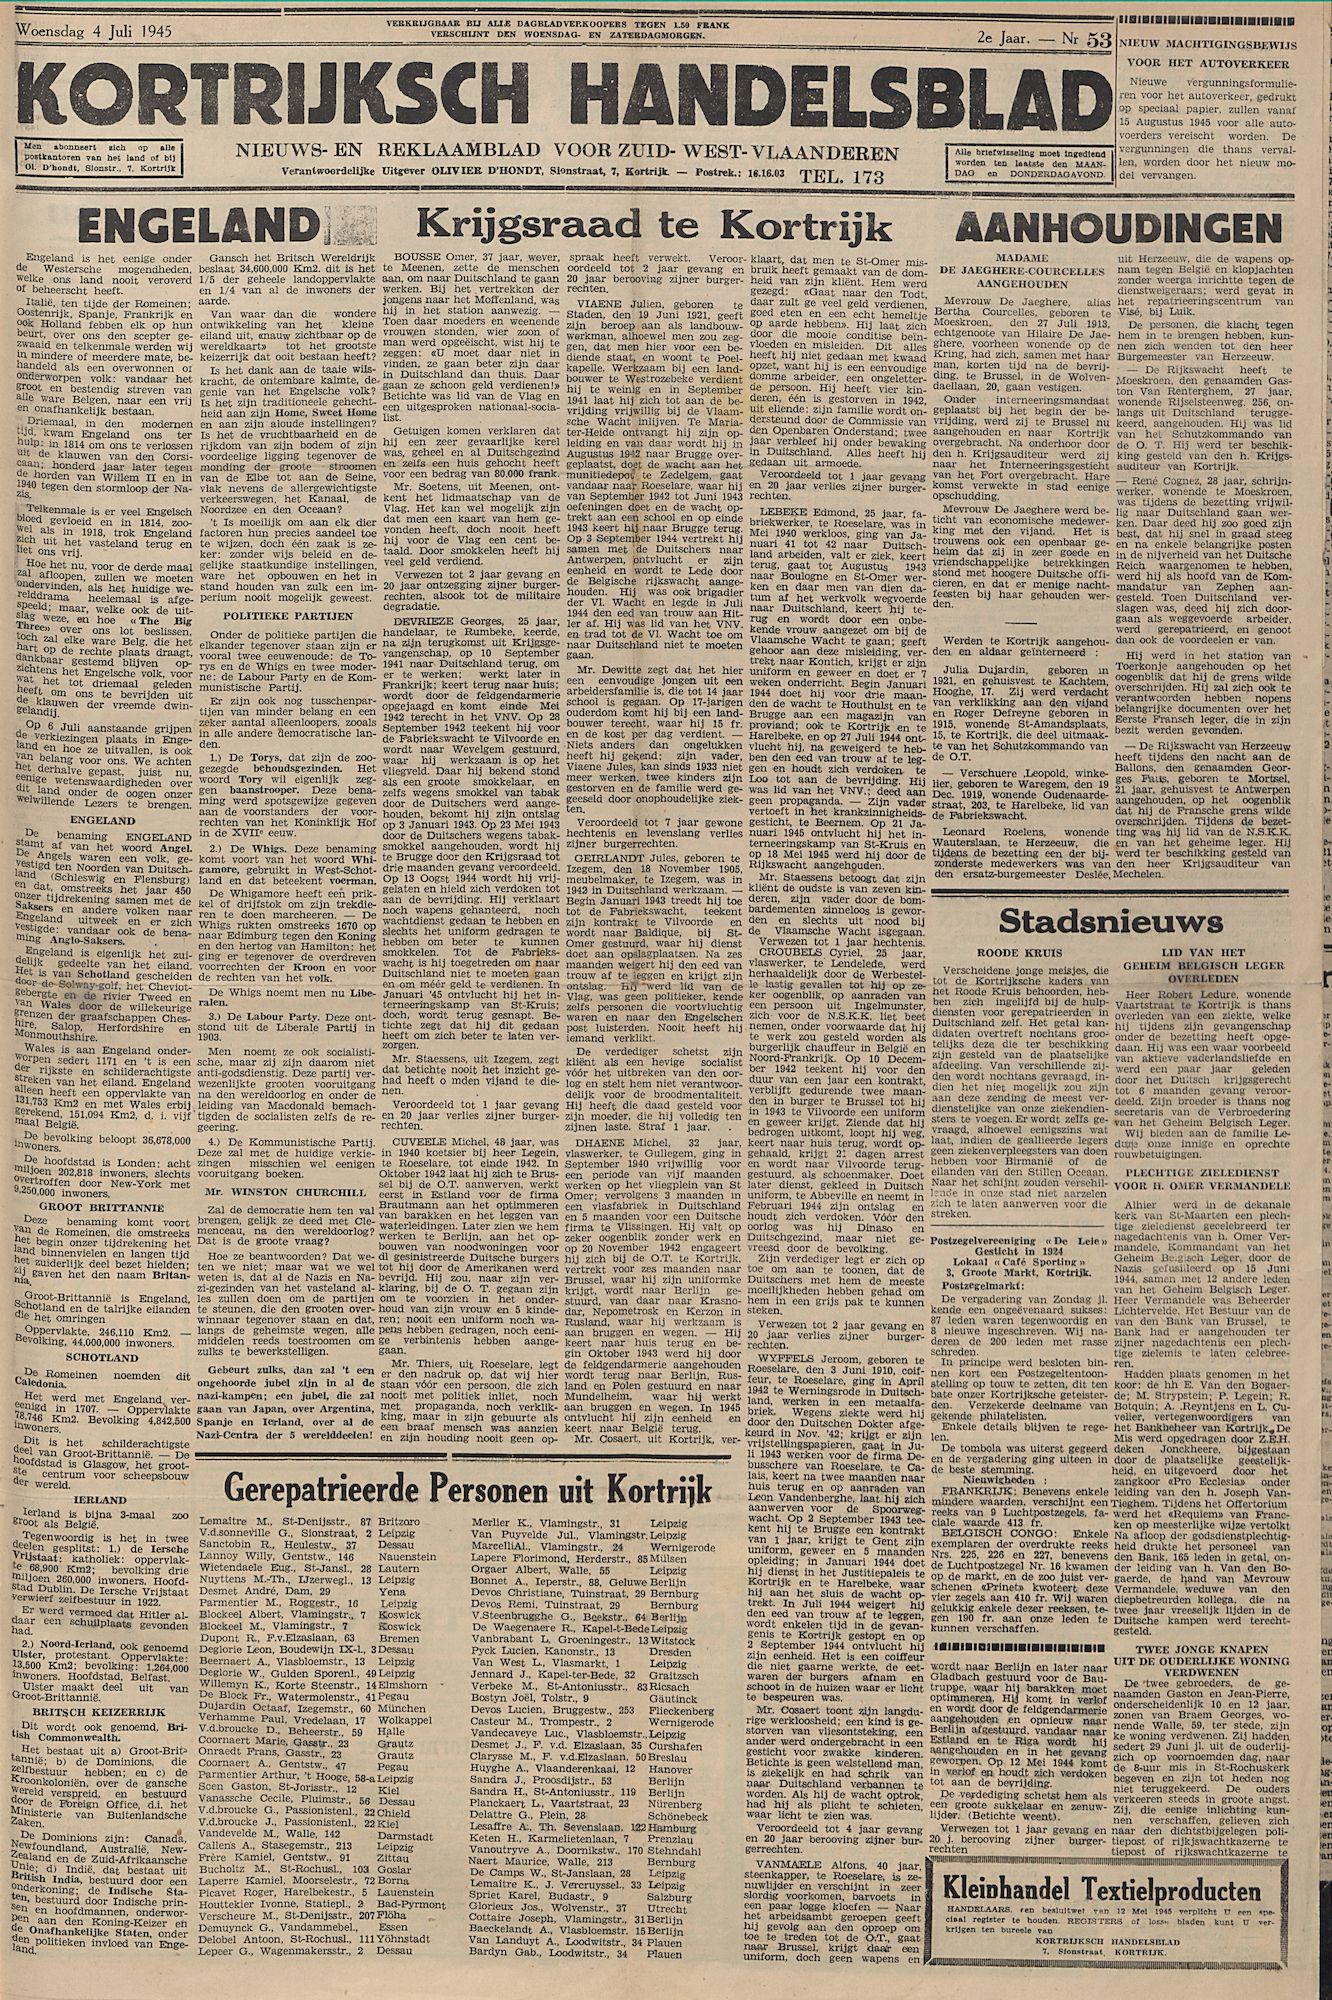 Kortrijksch Handelsblad 4 juli 1945 Nr53 p1